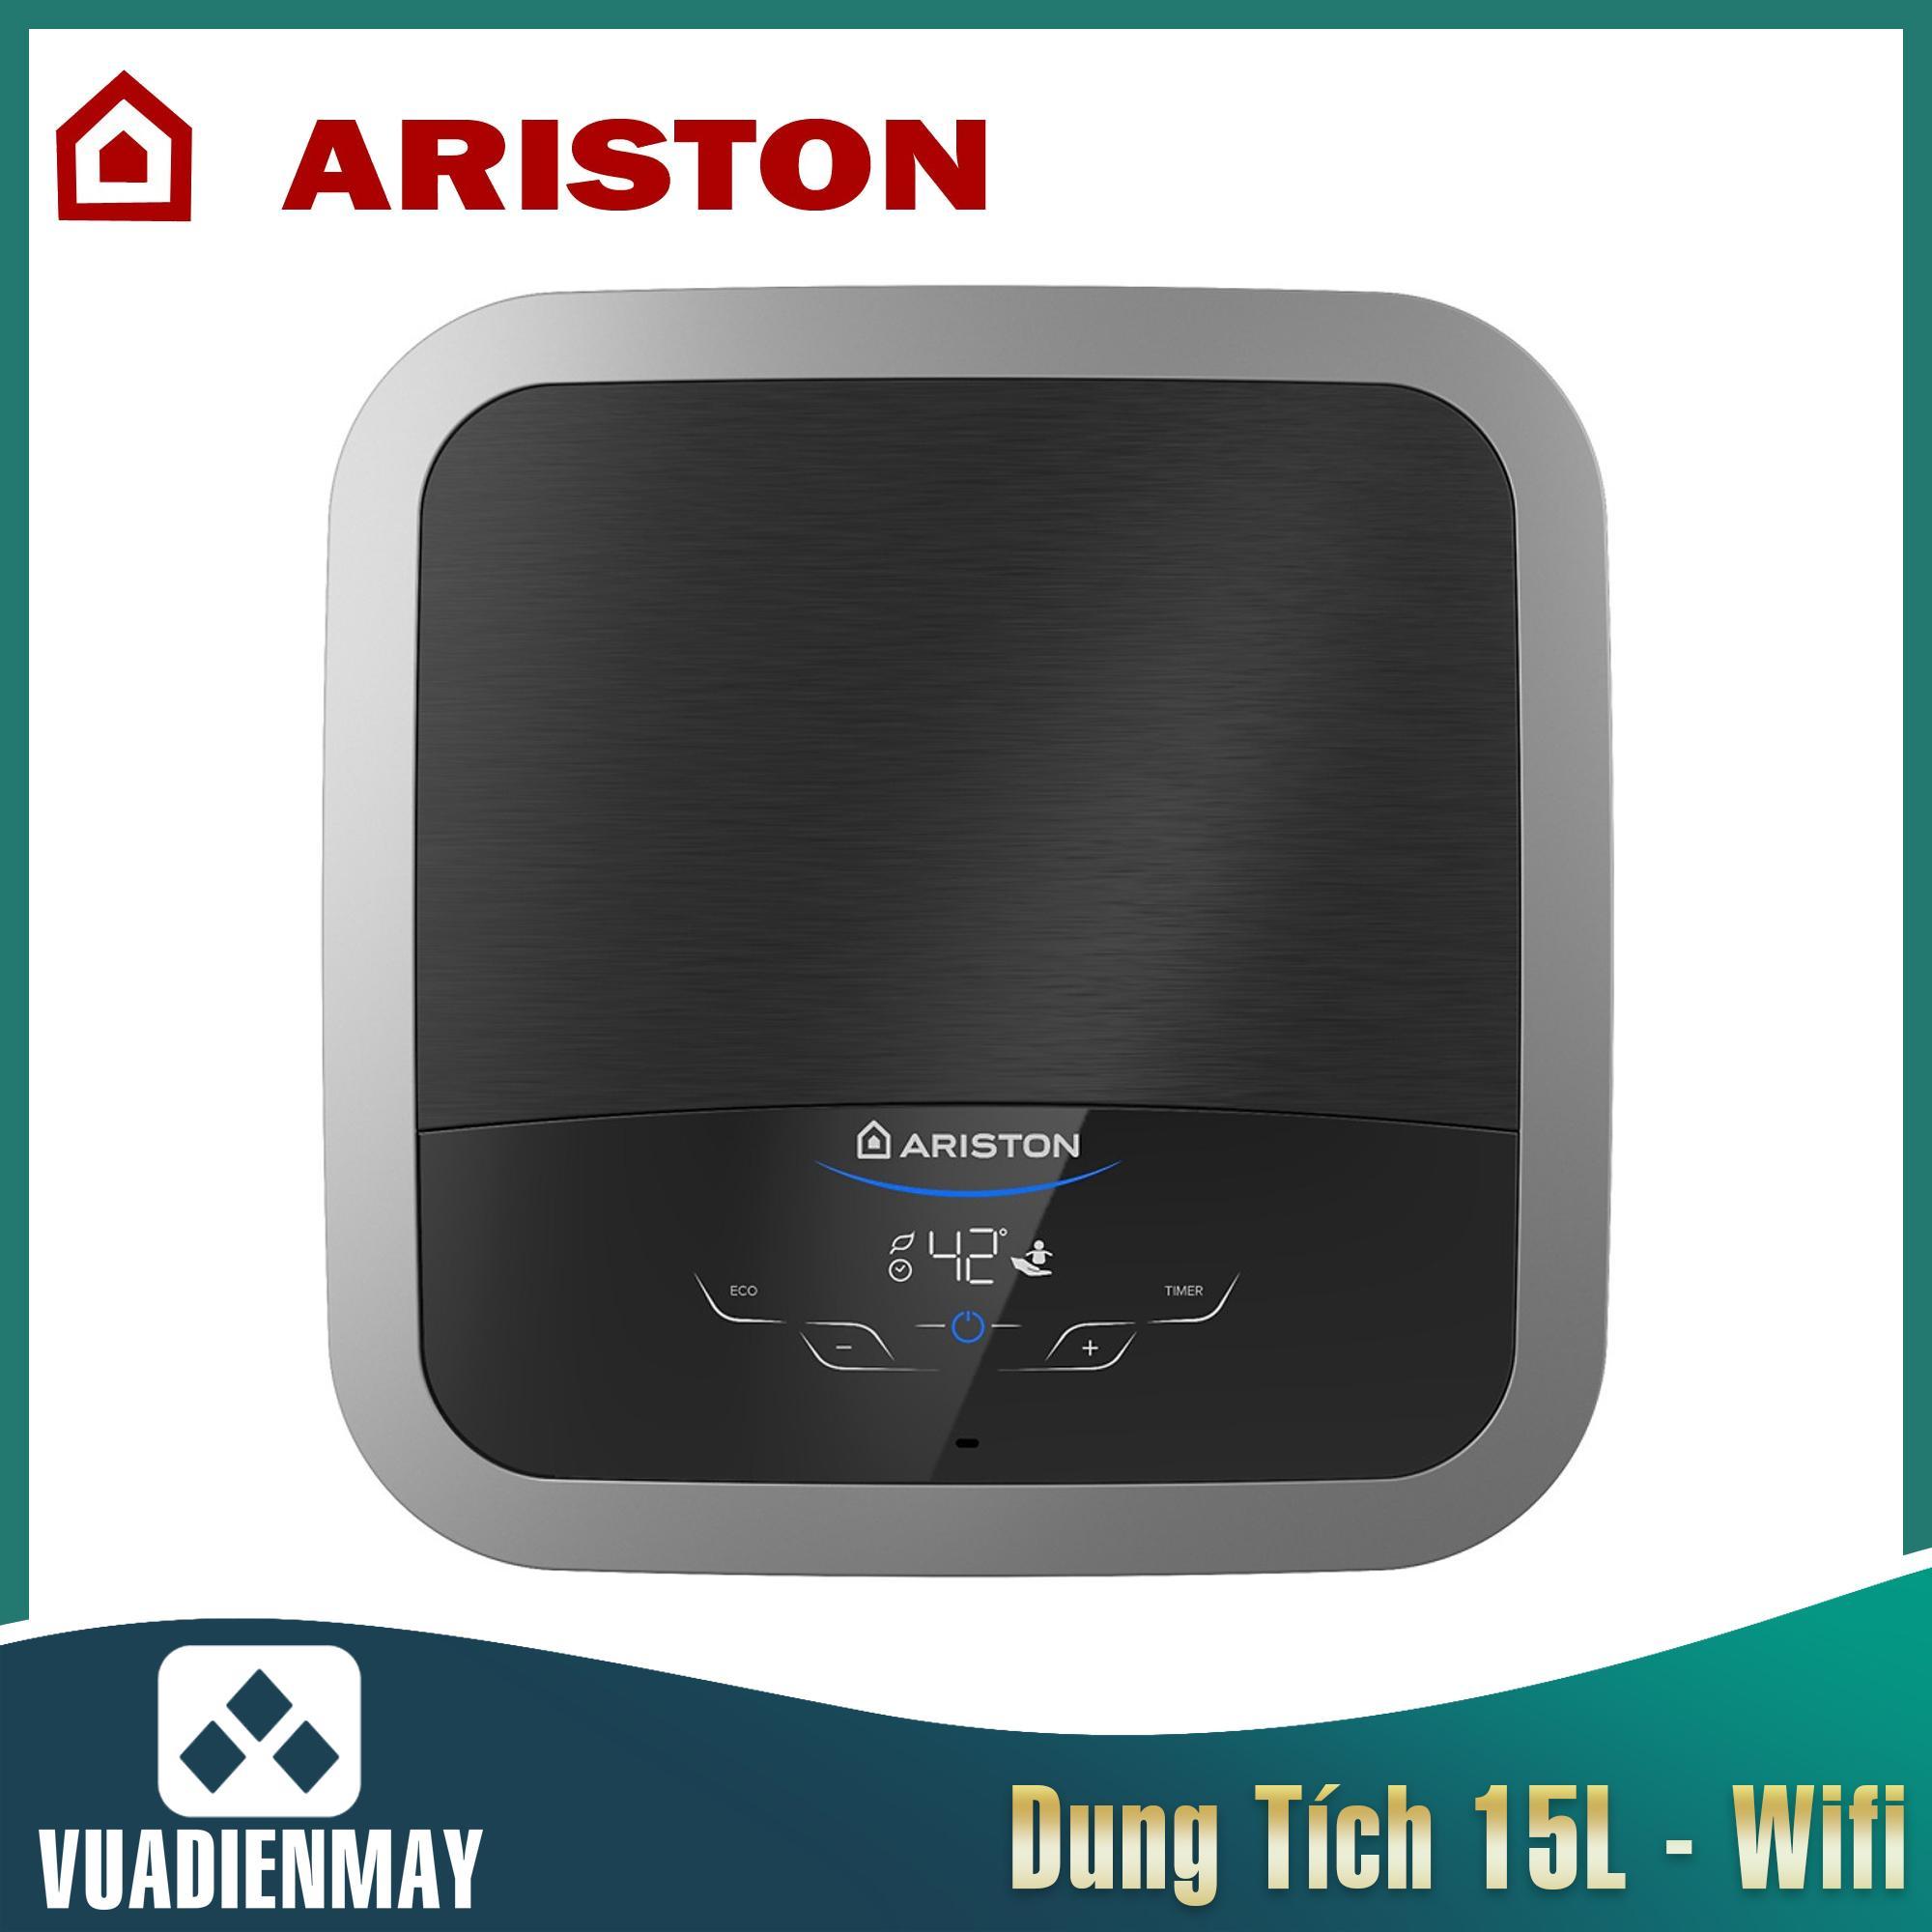 Bình nóng lạnh Ariston Andris2